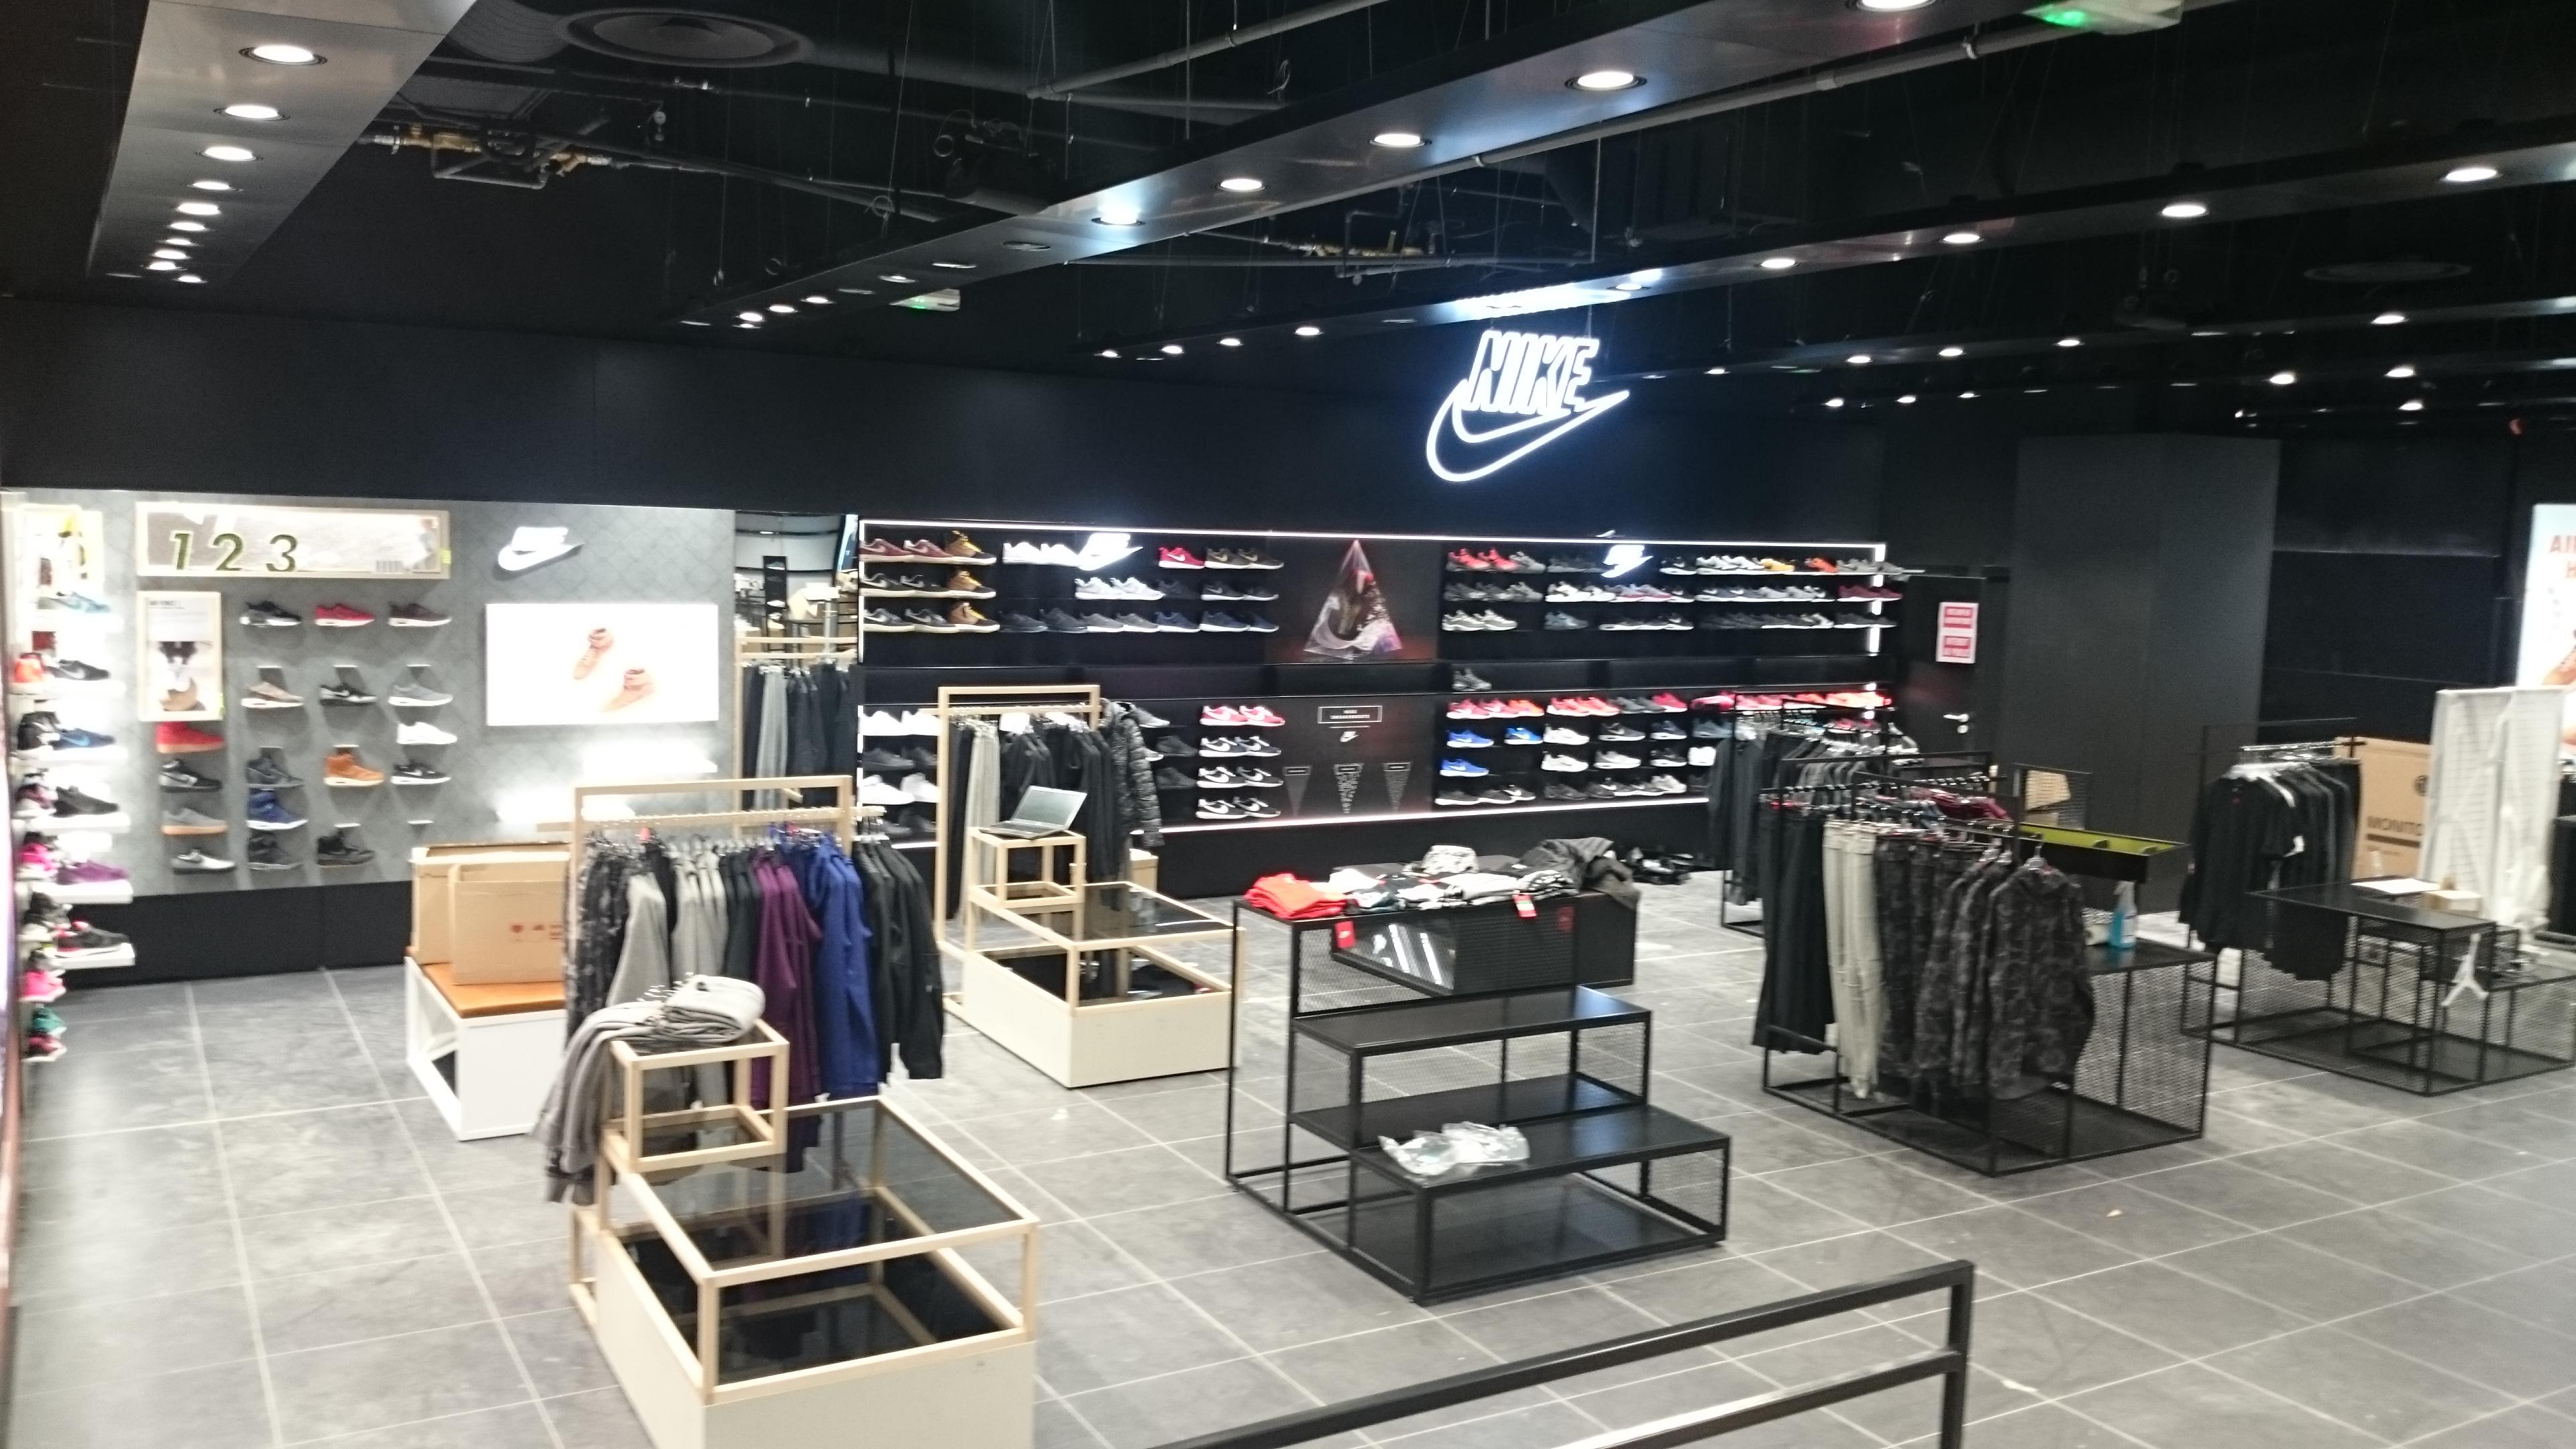 Logo lumineux Nike 2